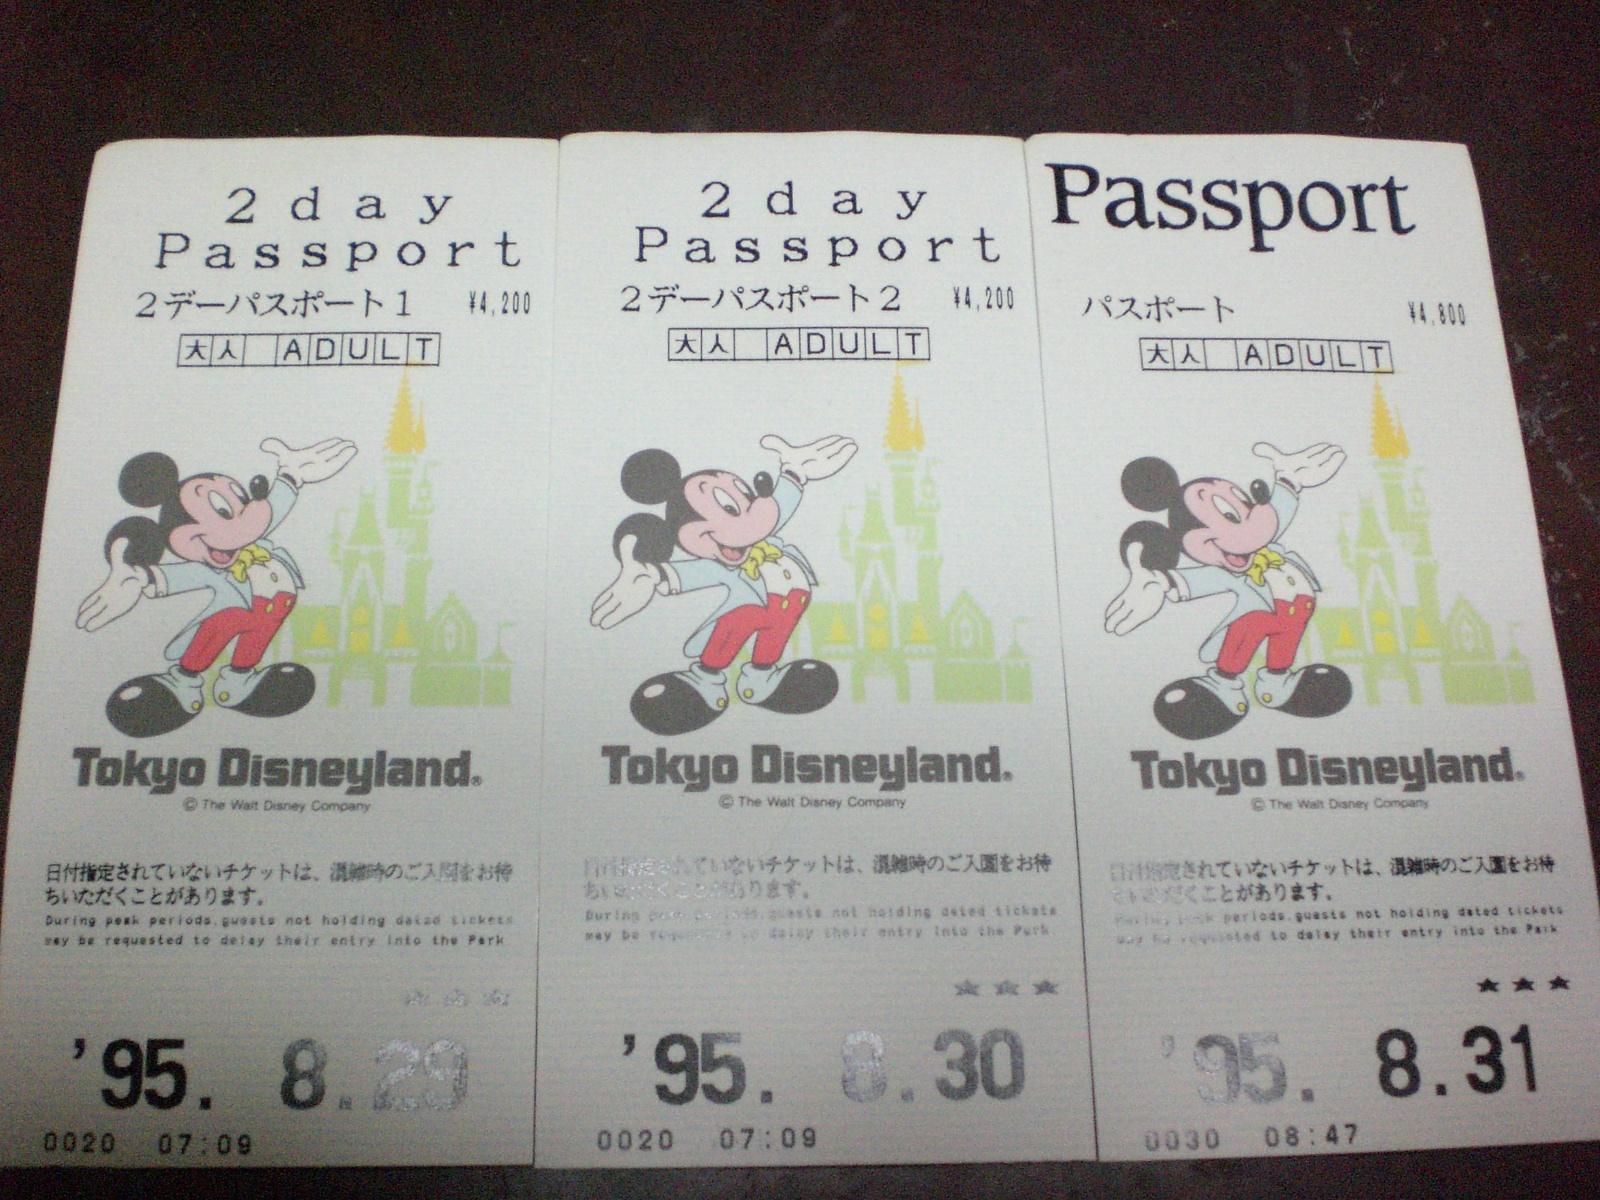 95夏のtdlガイドブックなど』東京ディズニーリゾート(千葉県)の旅行記